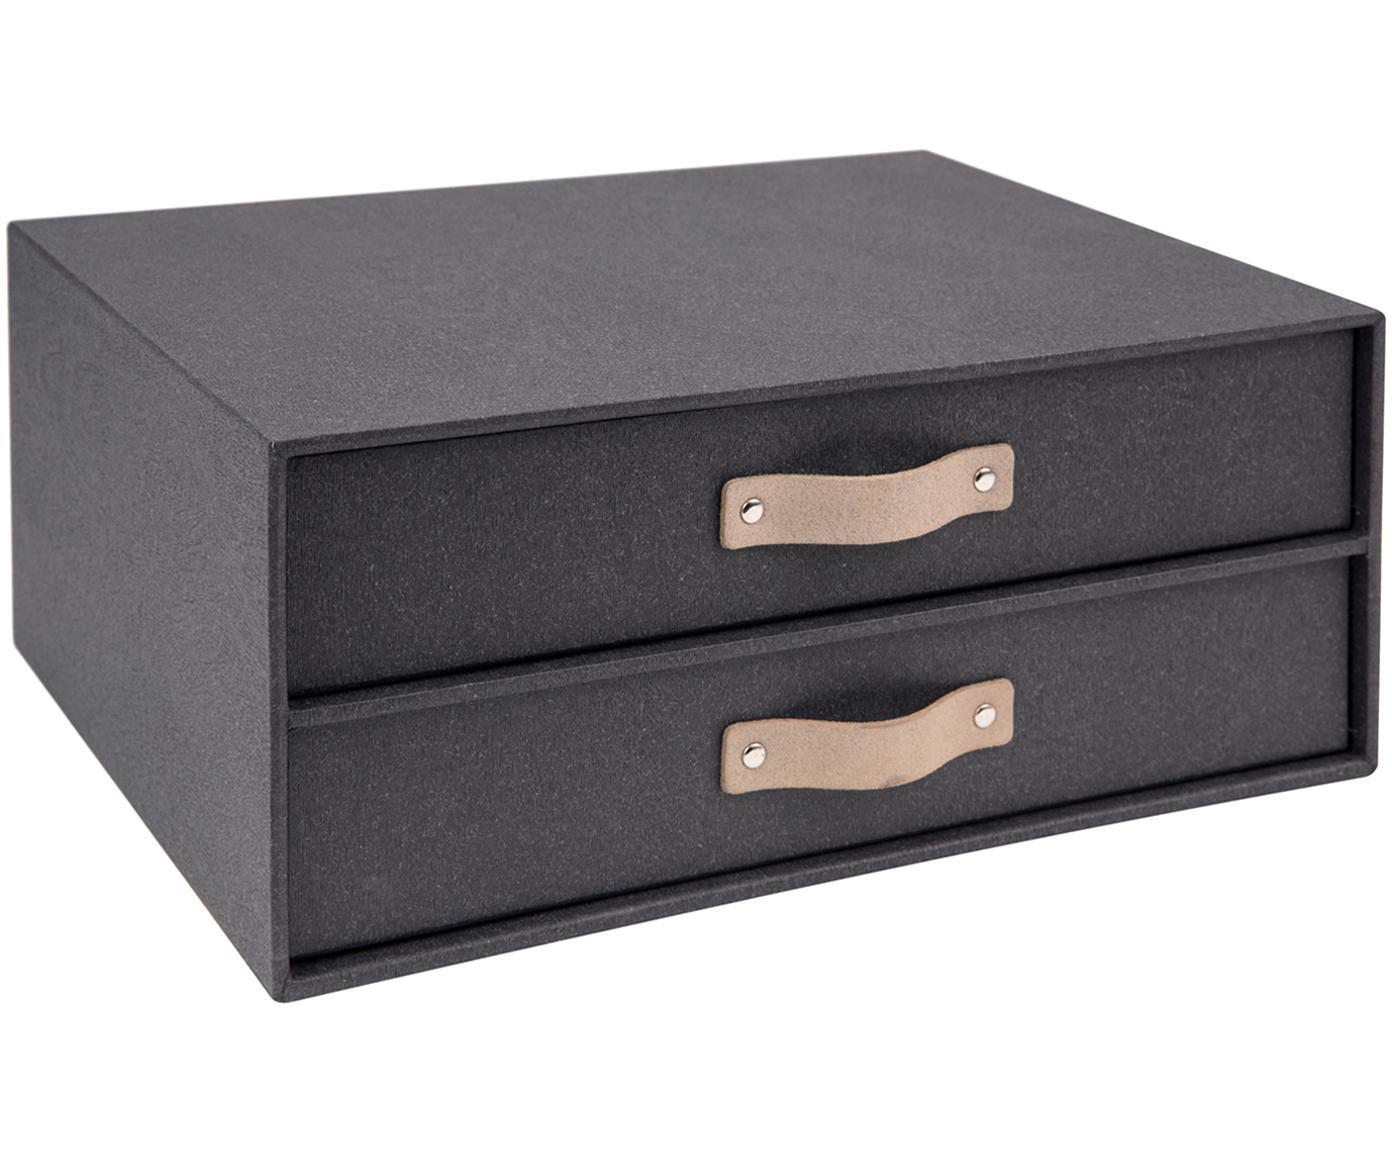 Büro-Organizer Birger II, Organizer: Fester Karton, mit Holzde, Griff: Leder, Organizer aussen: Schwarz Organizer innen: Schwarz Griff: Beige, 33 x 15 cm